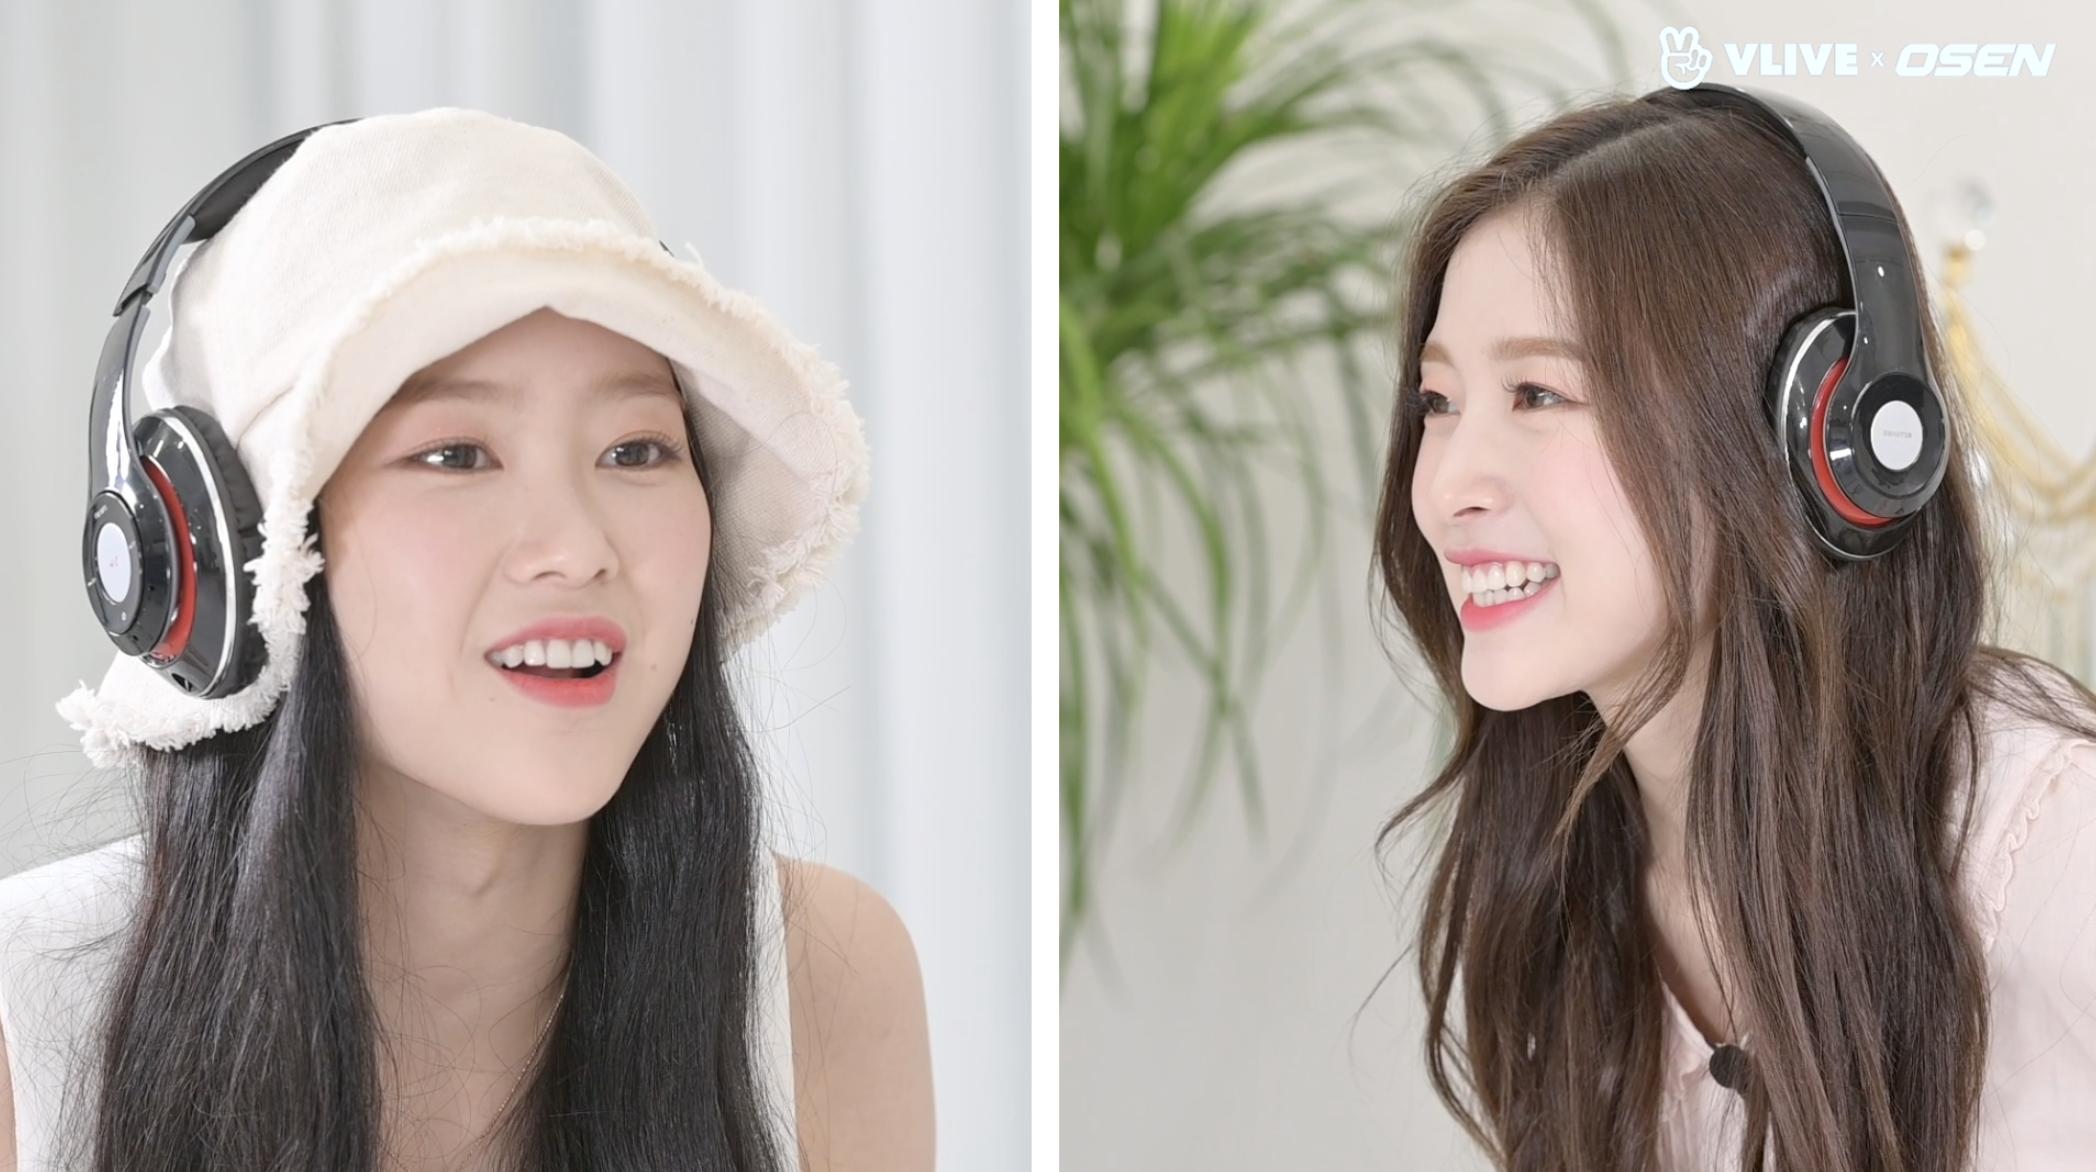 '스타로드' 오마이걸, 비글미 넘치는 게임타임 #EP 02